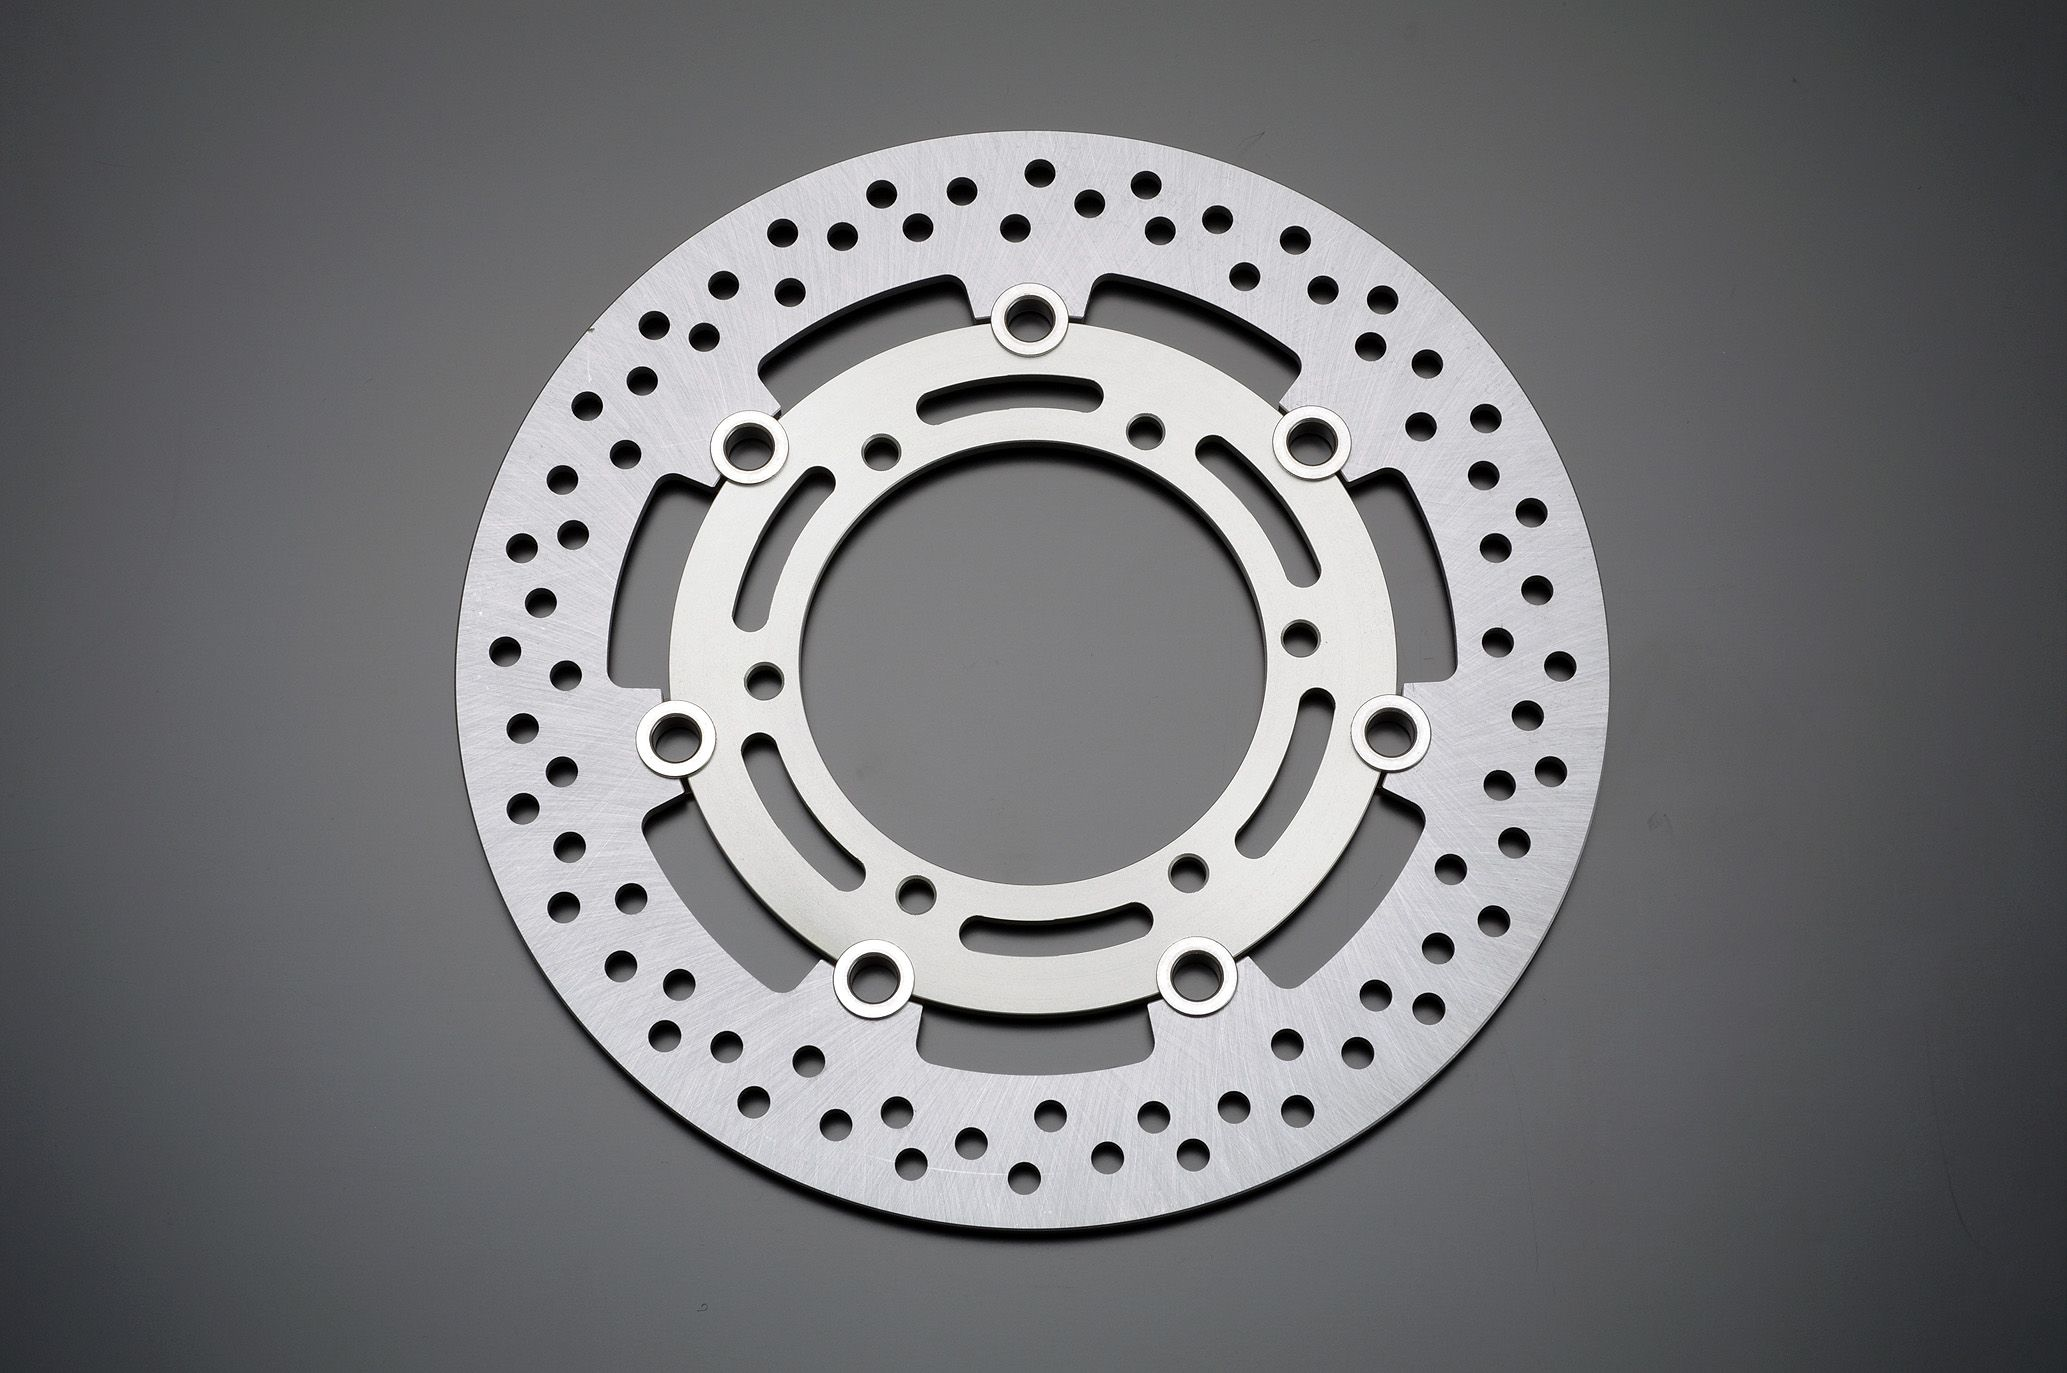 Φ285 煞車碟盤 (銀色) 套件専用品